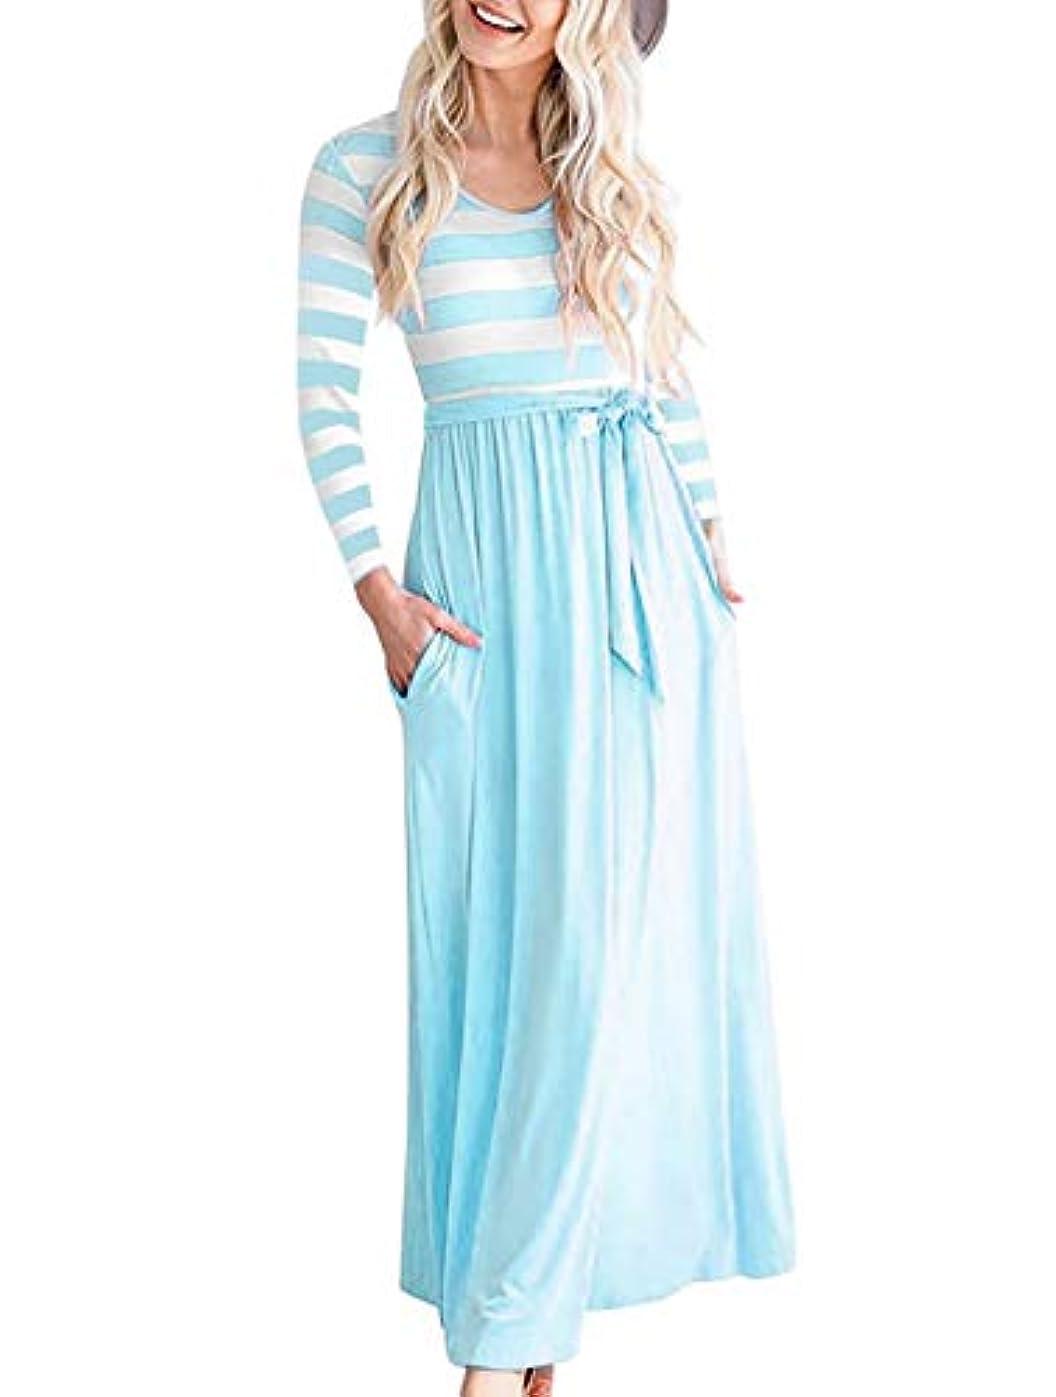 眠るつまらない発表女性のドレス 秋コットンルーズファッション長袖印刷ストライプOネックカジュアルドレス